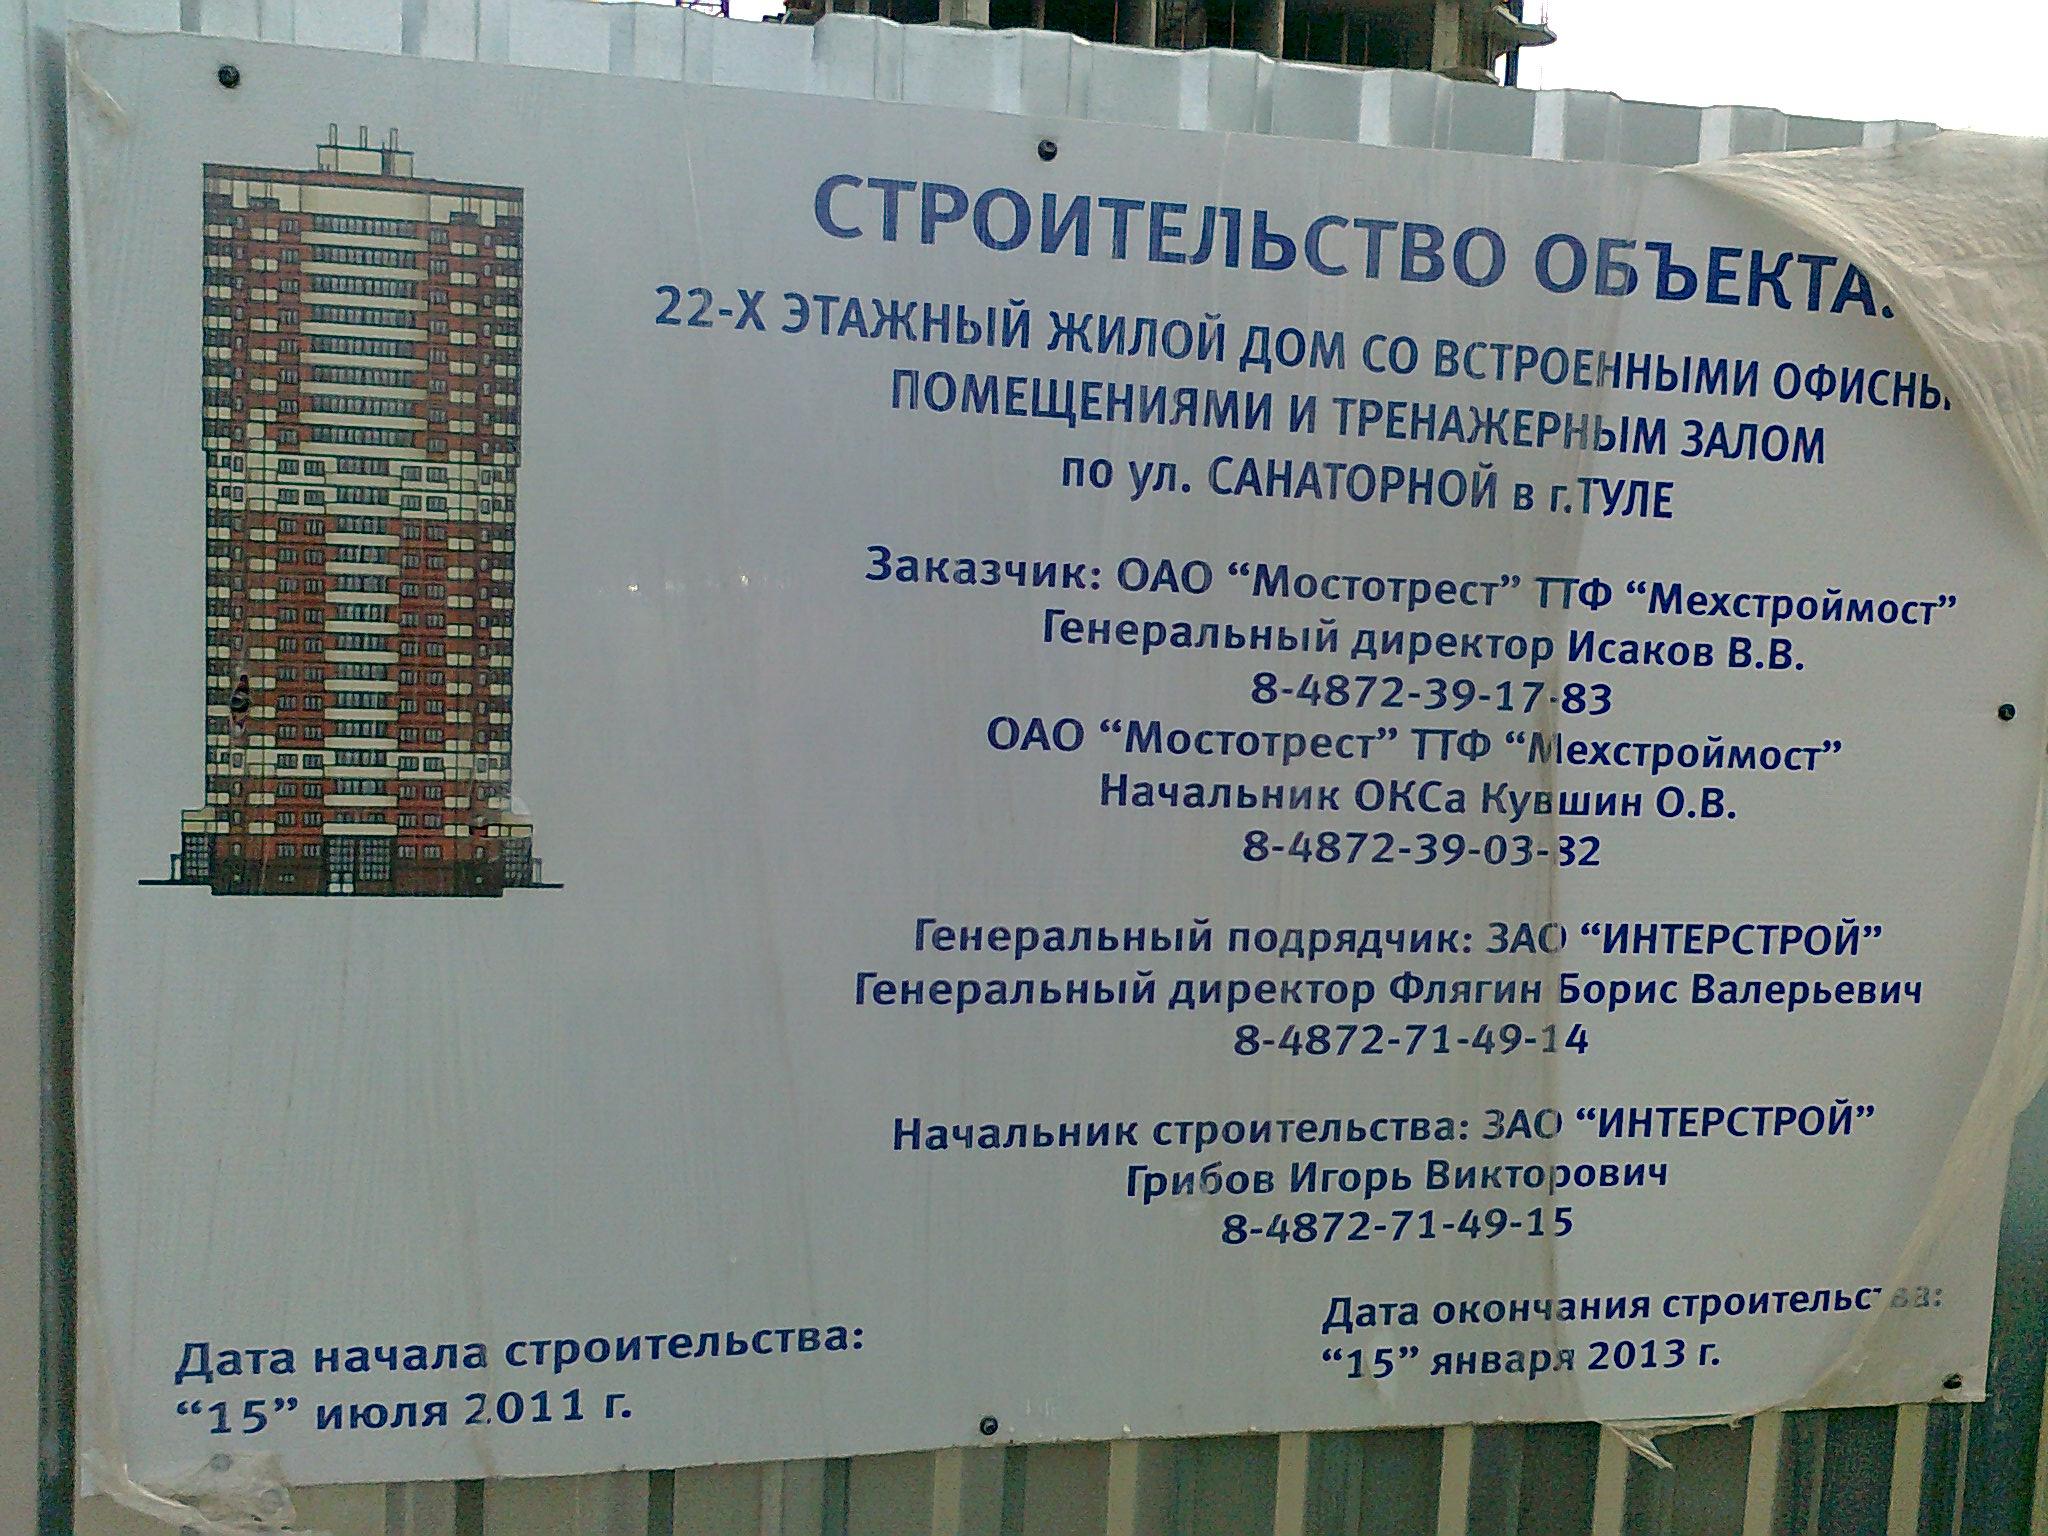 http://img-fotki.yandex.ru/get/6210/162482795.0/0_748d3_3422efaf_orig.jpg